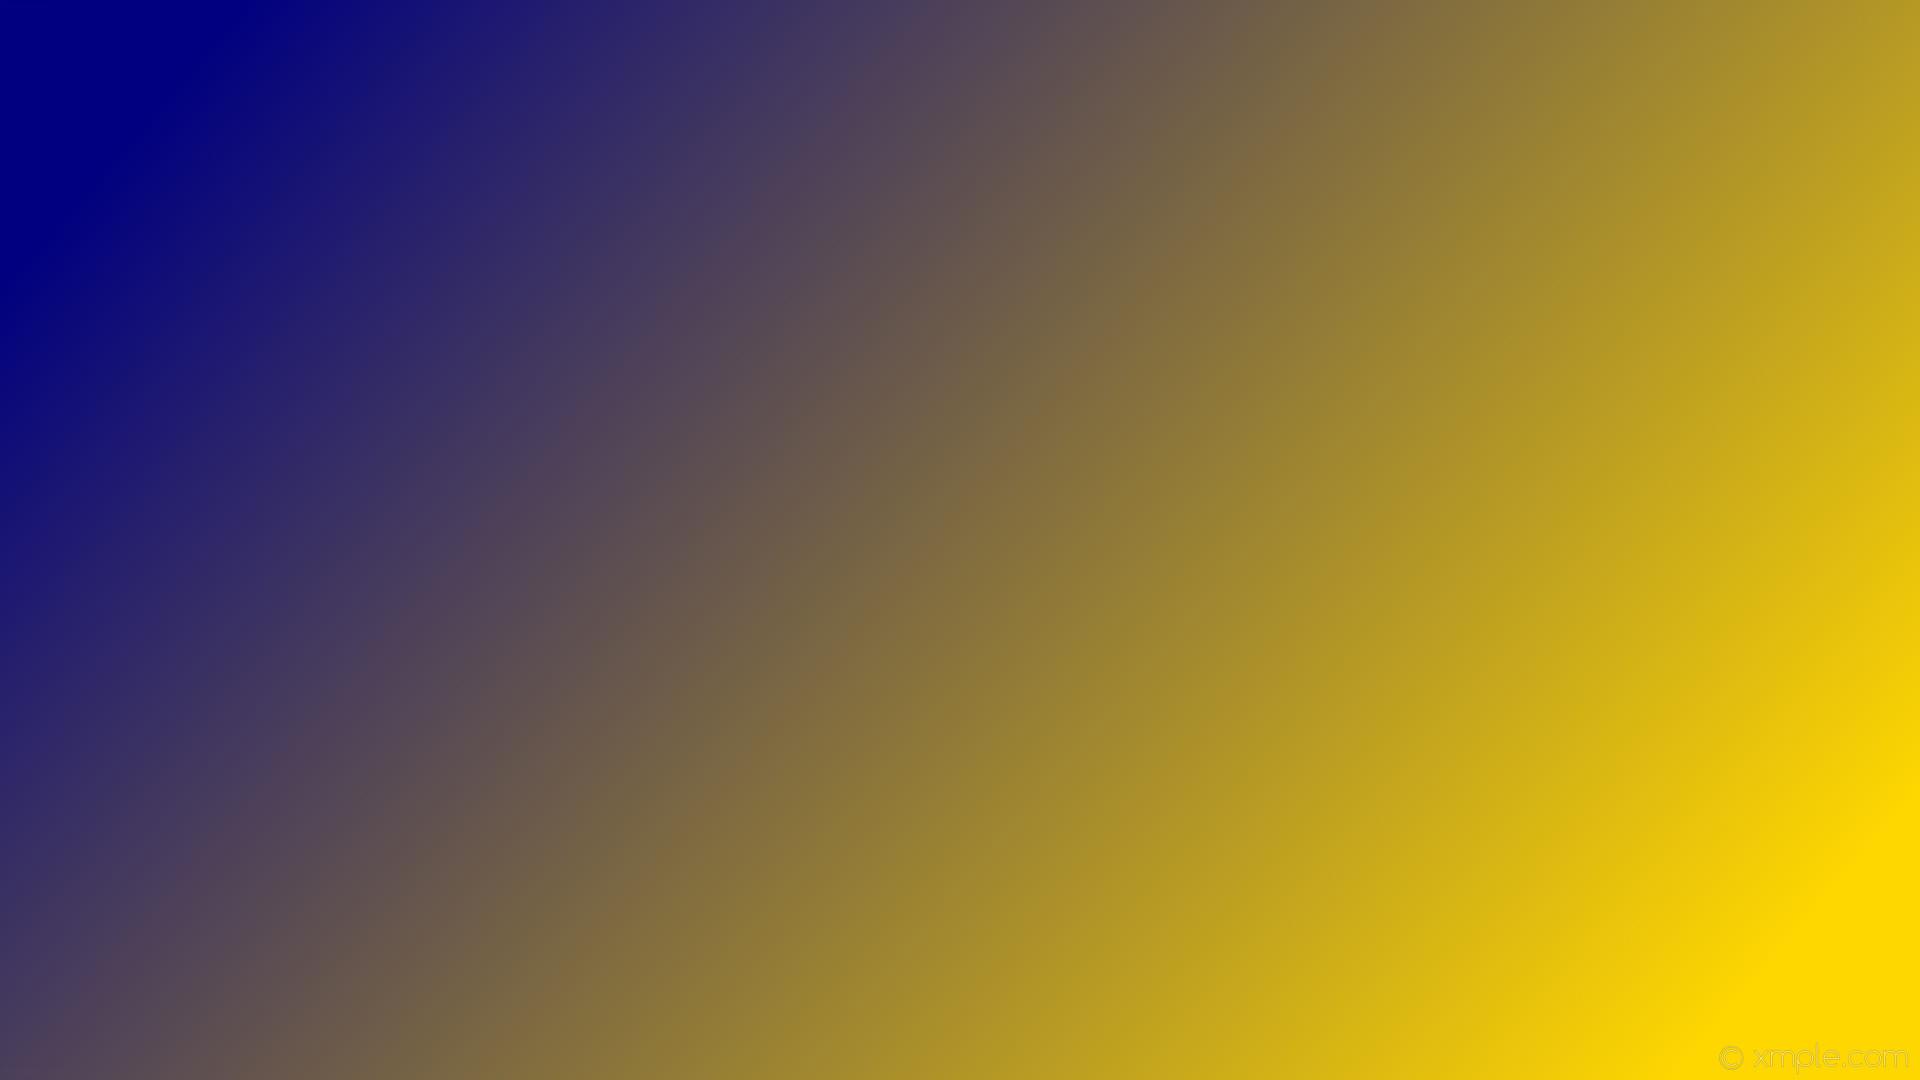 wallpaper gradient yellow blue linear navy gold #000080 #ffd700 165°